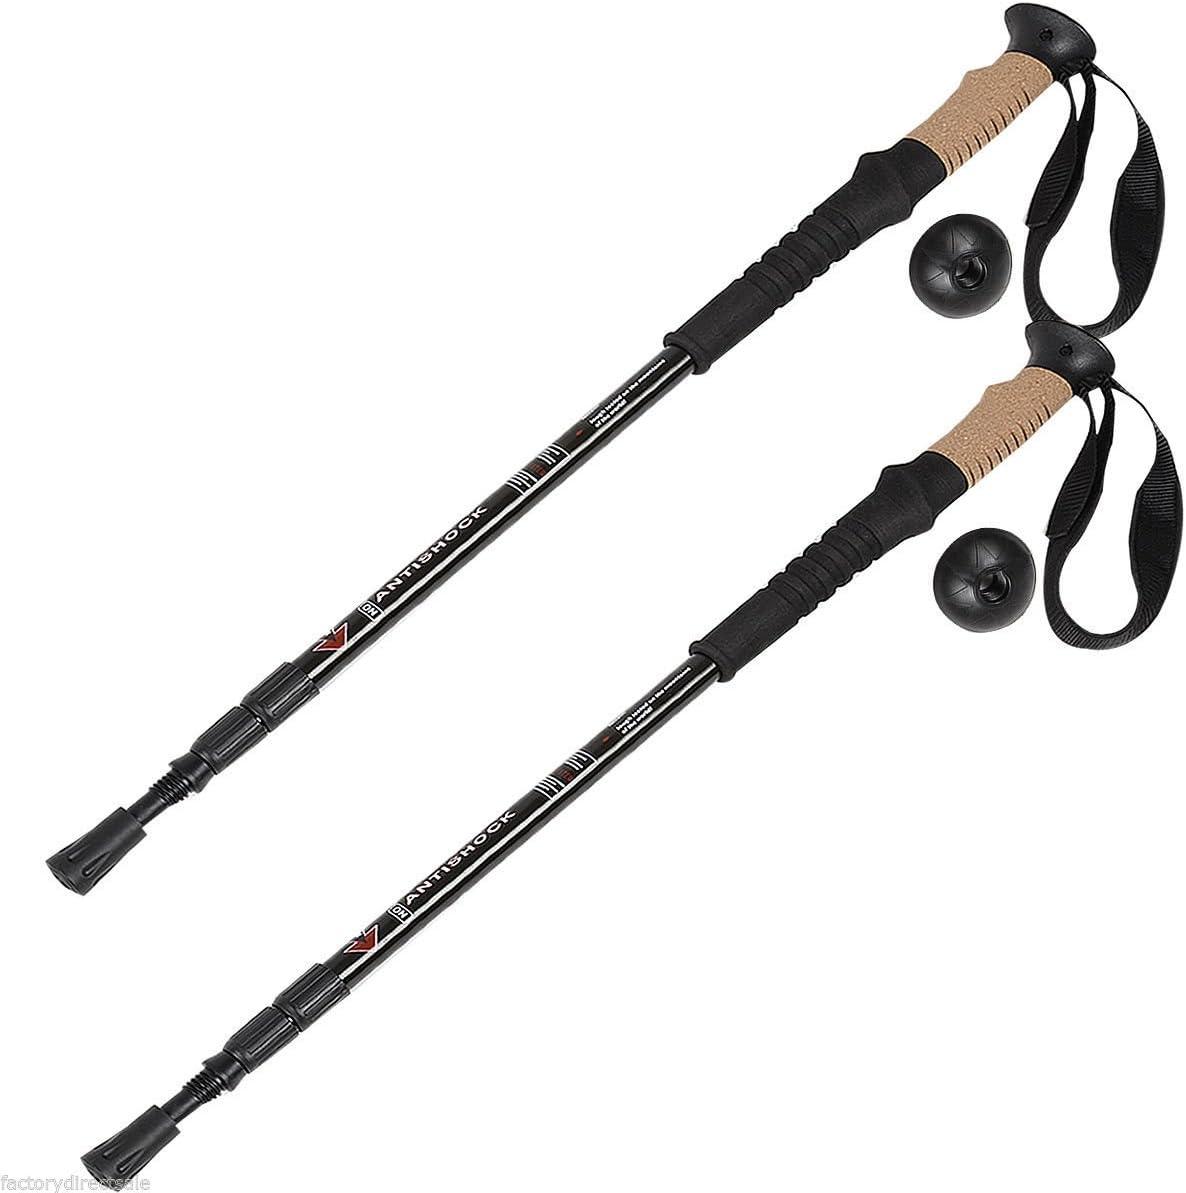 Goplus 1 Pair Trekking Poles Walking Hiking Climbing Sticks Adjustable Anti-Shock Alpenstock 2 Pack